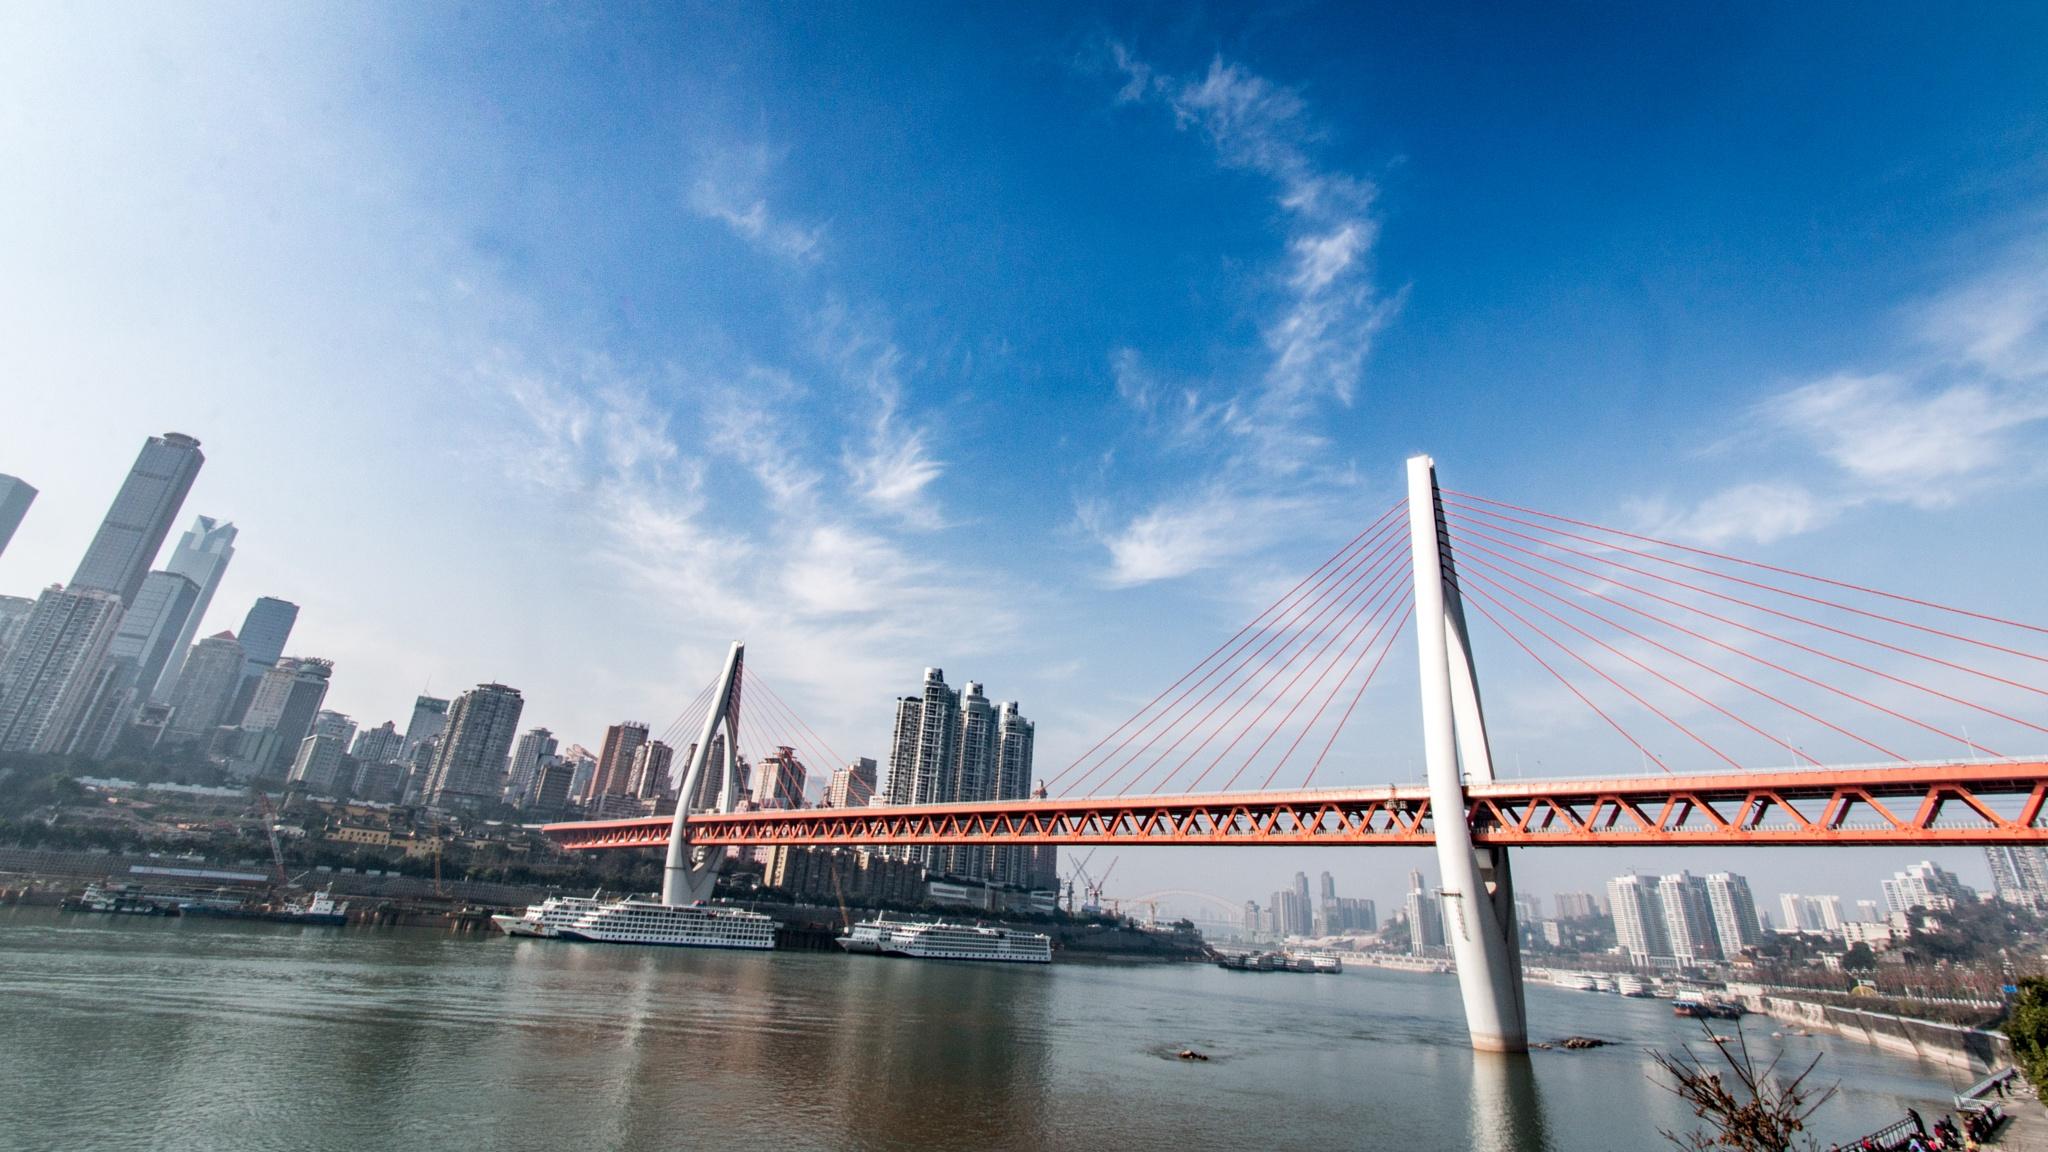 Chongqing City II by Mikkel Stig Larsen